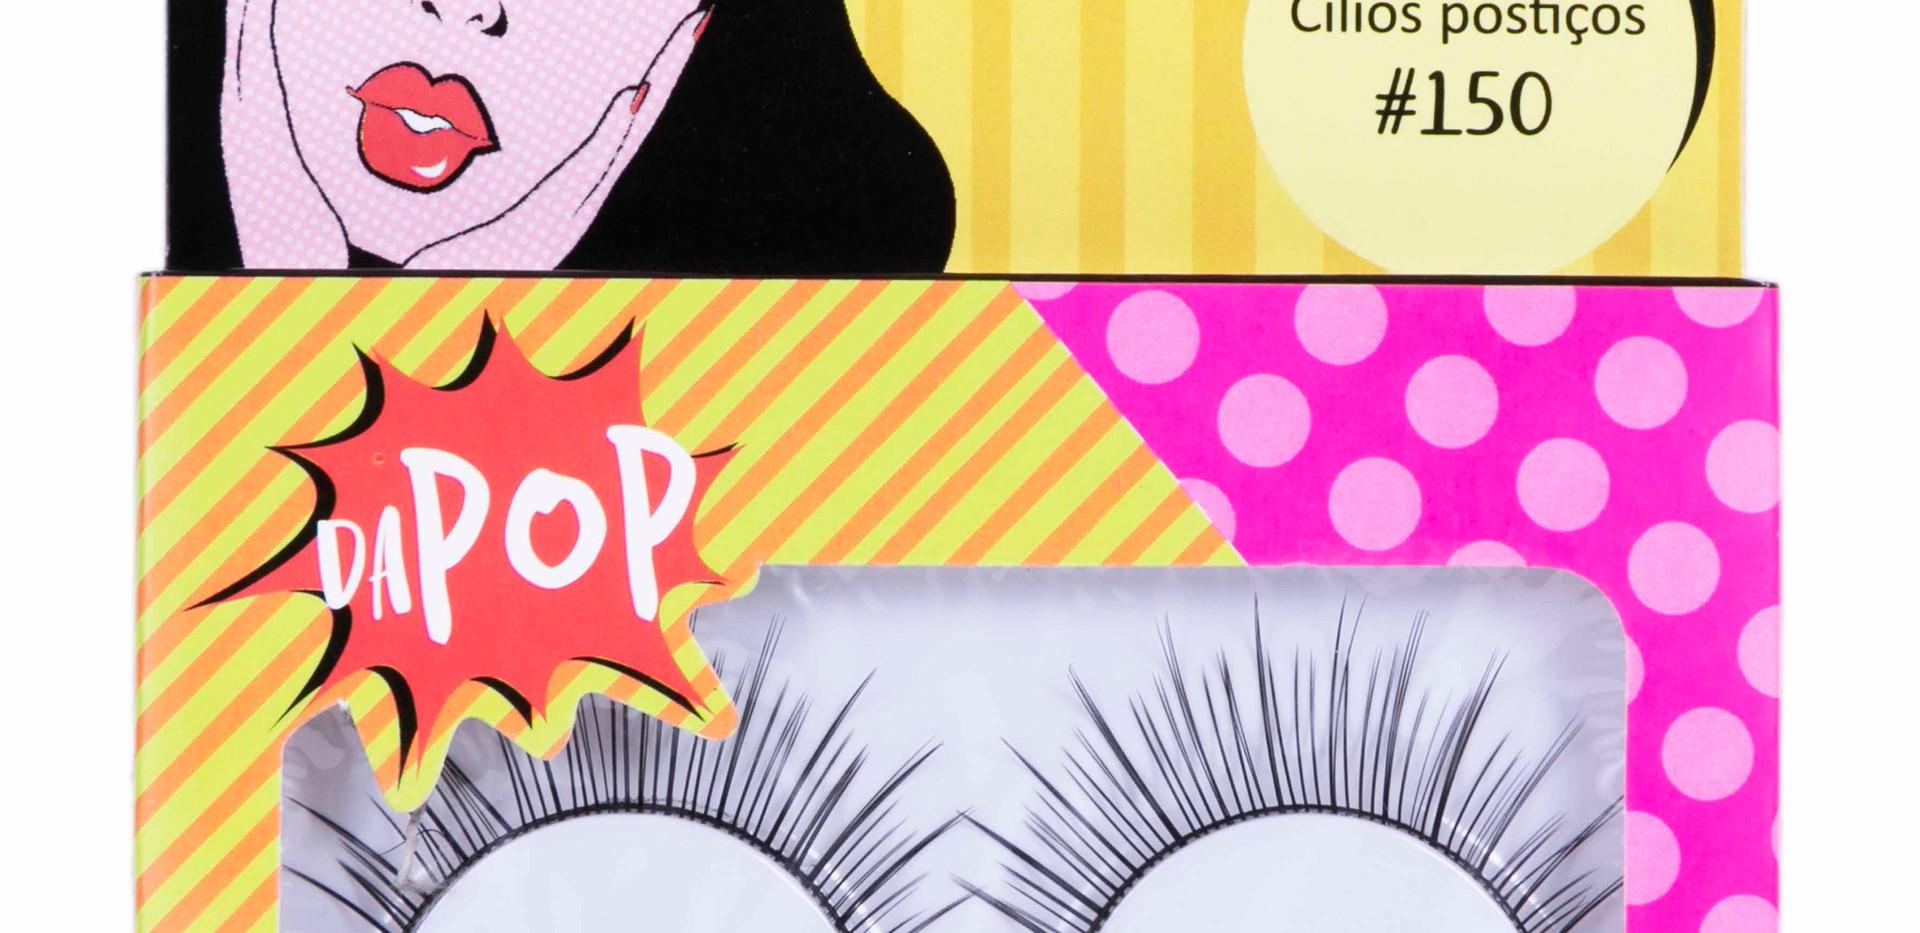 Cílios Postiços #150 Dapop - HB97150 (3)